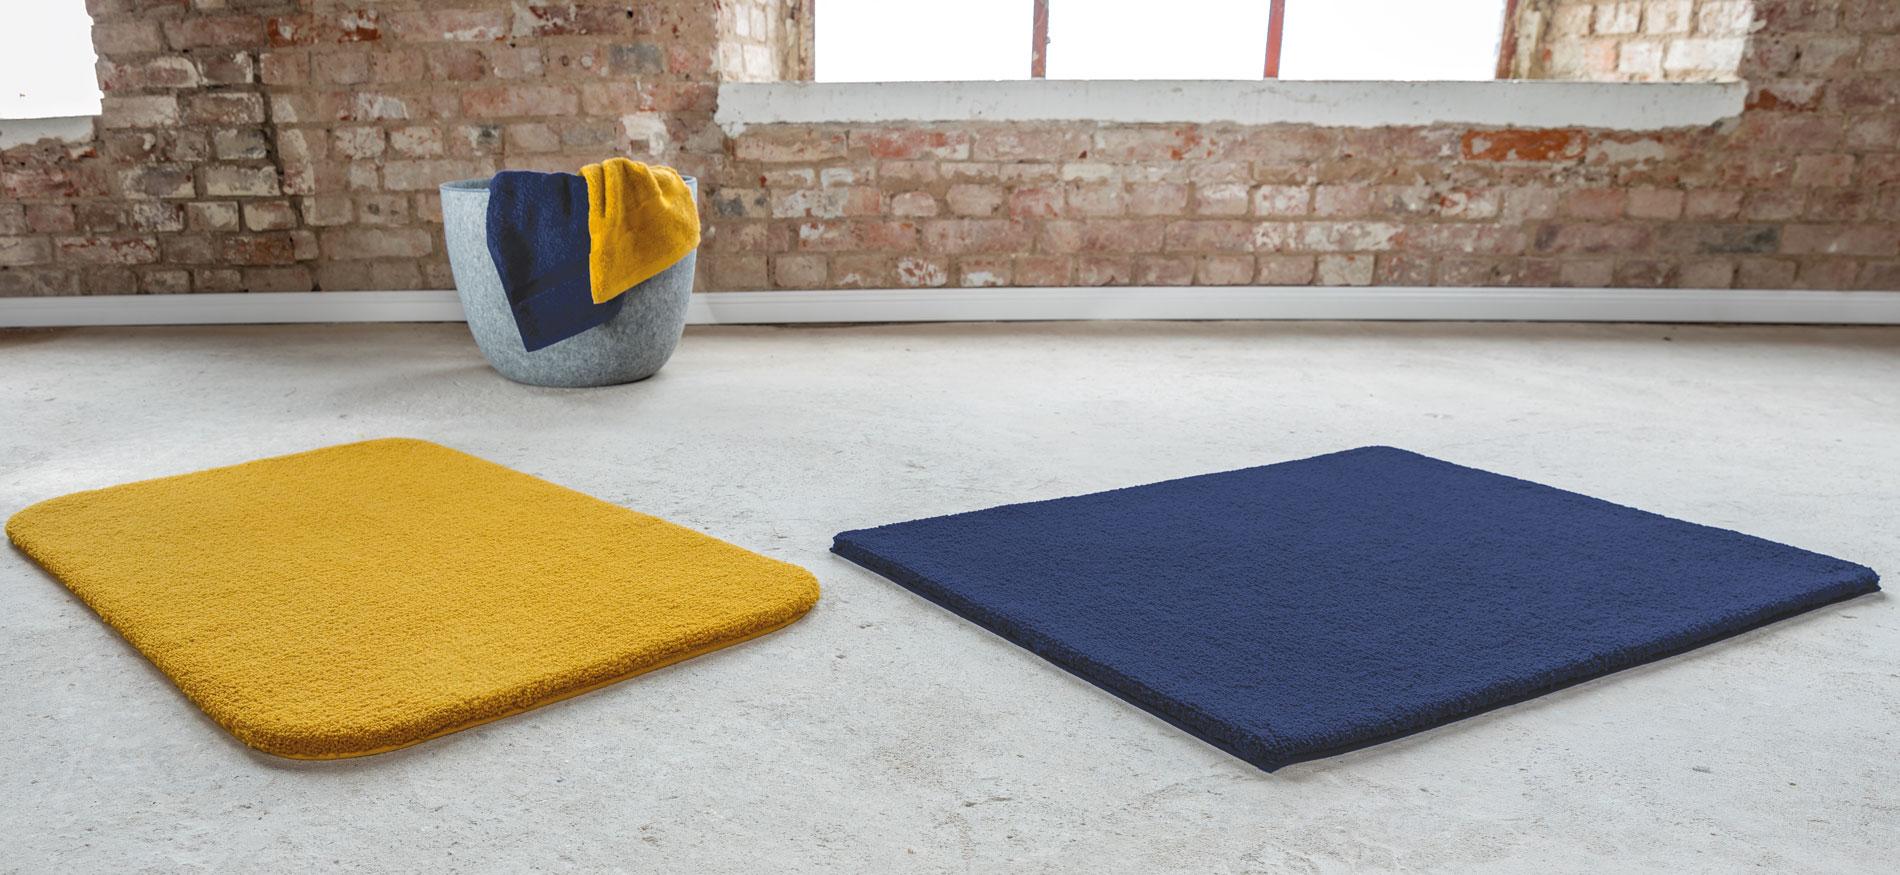 Marc Leopold Onlineshop präsentiert Rhomtuft Badteppiche und Handtücher